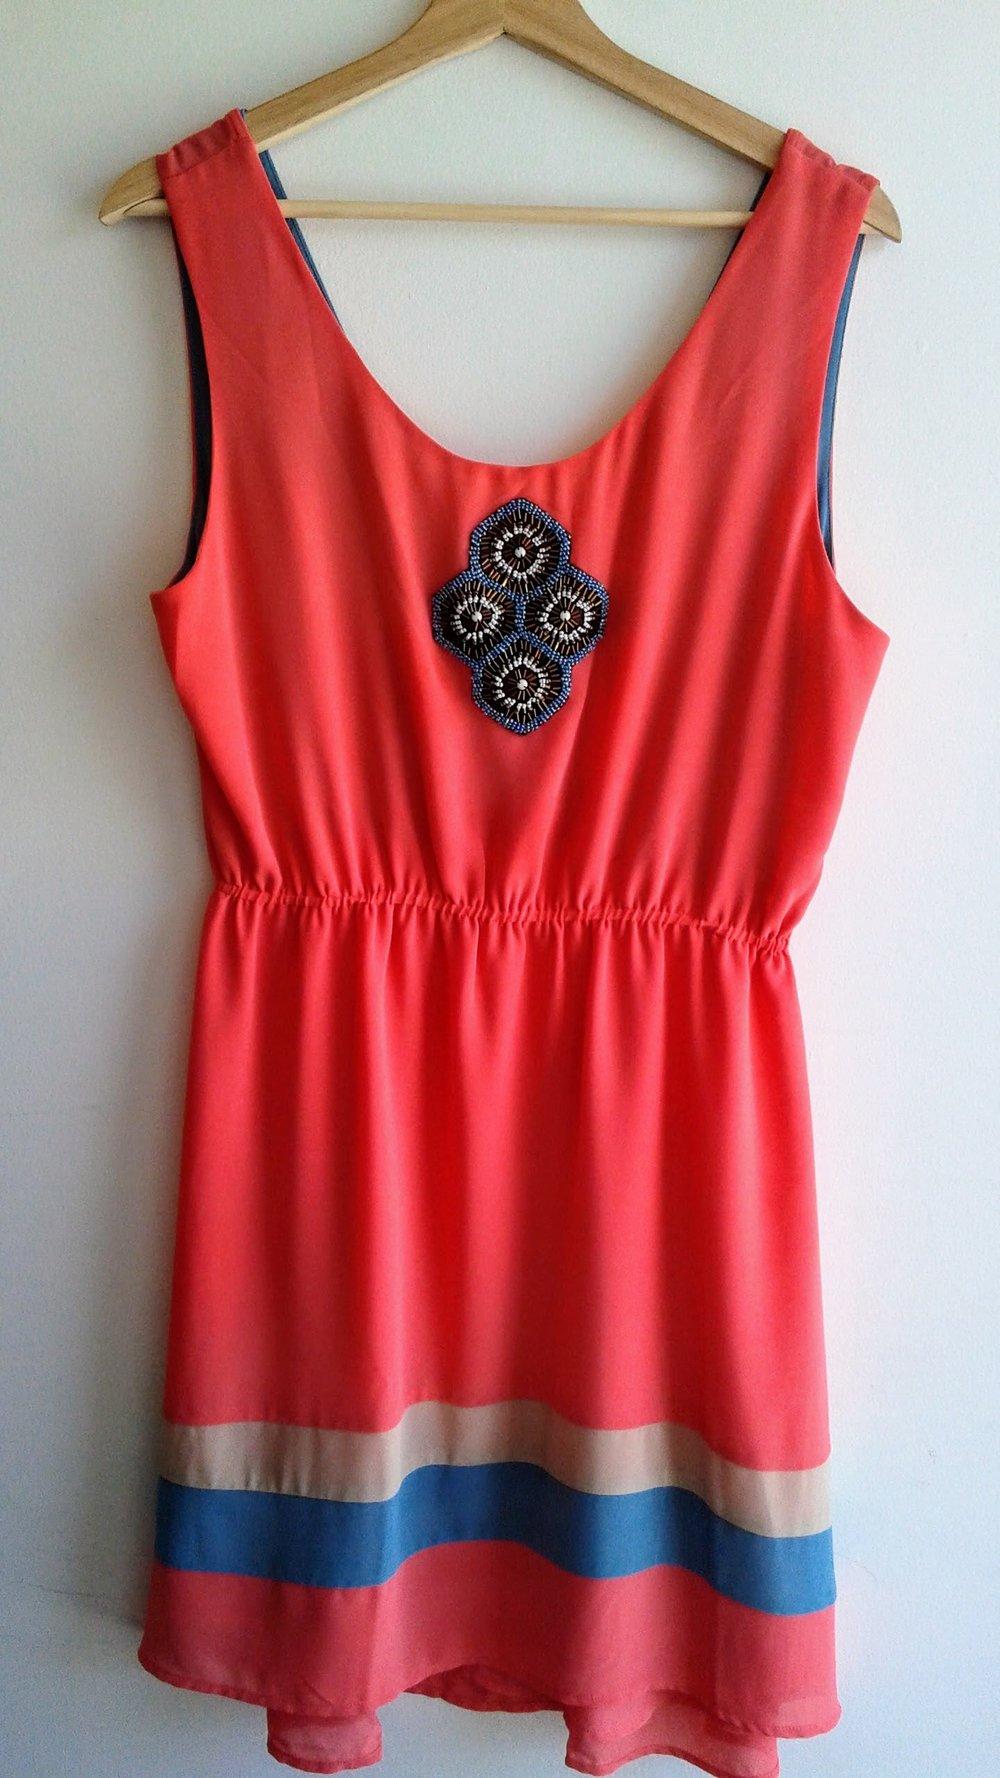 Nick & Mo  dress; Size L, $42